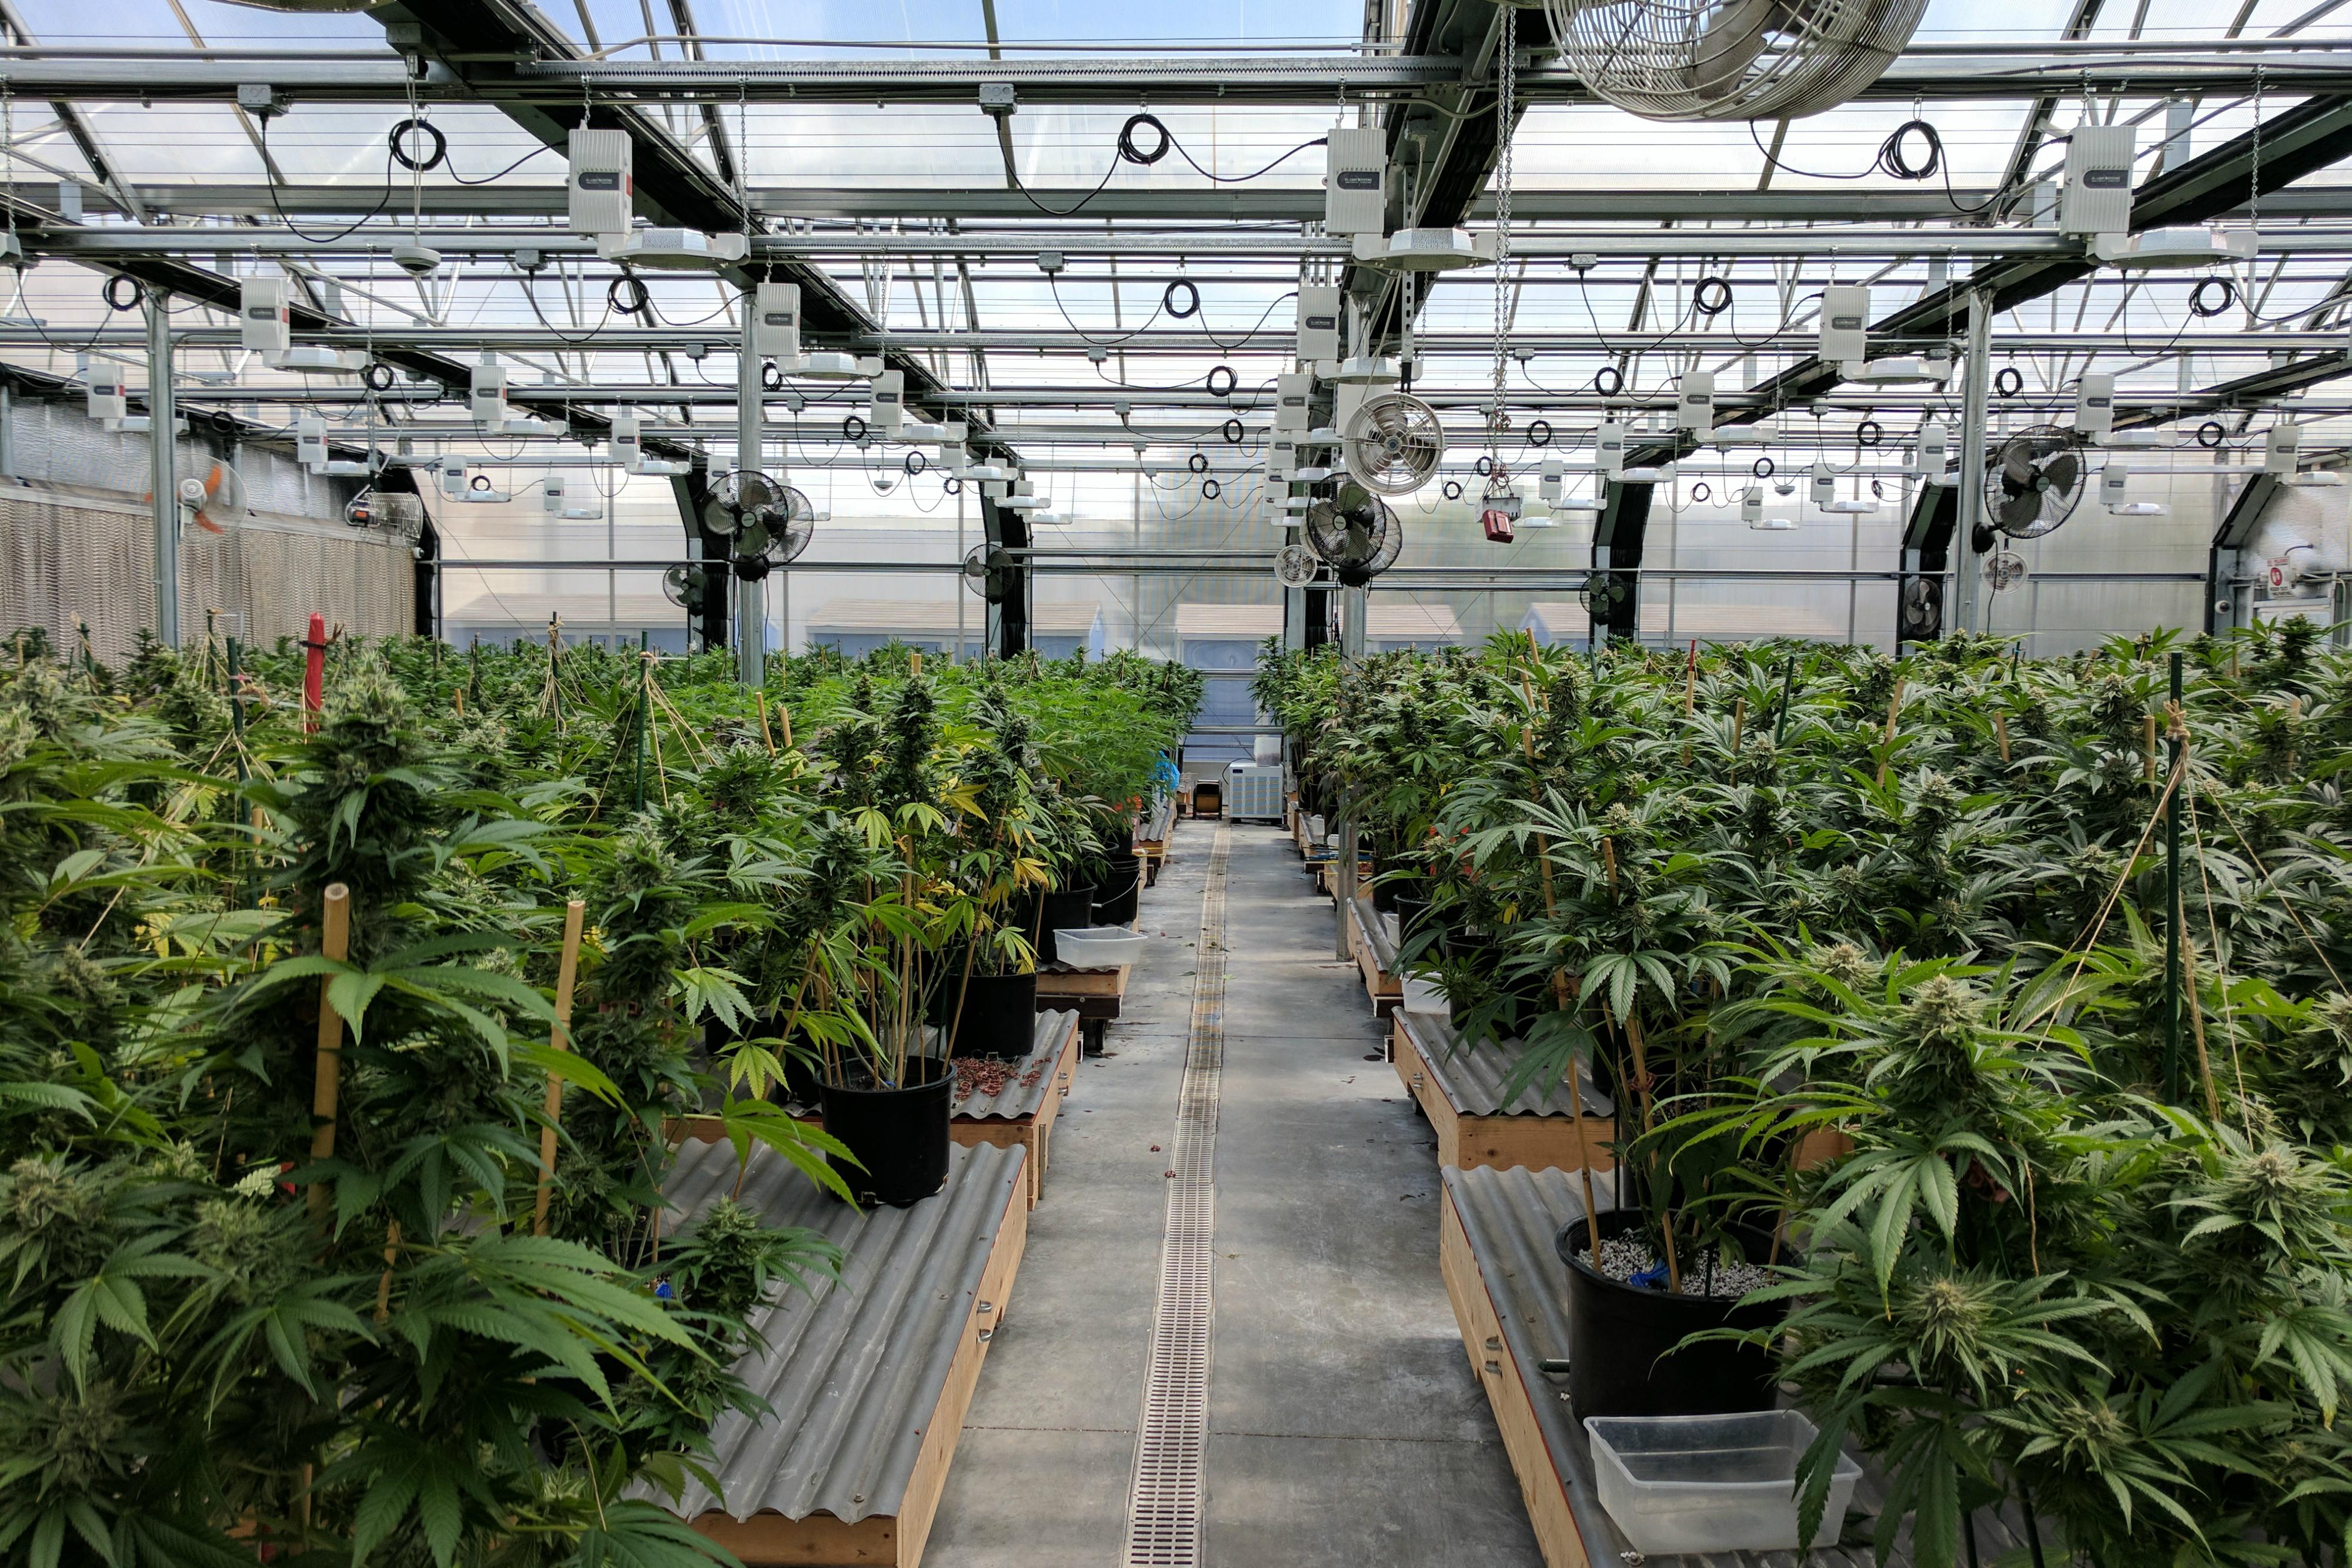 The Top 10 High-CBD, Low-THC Cannabis Strains | PotGuide com